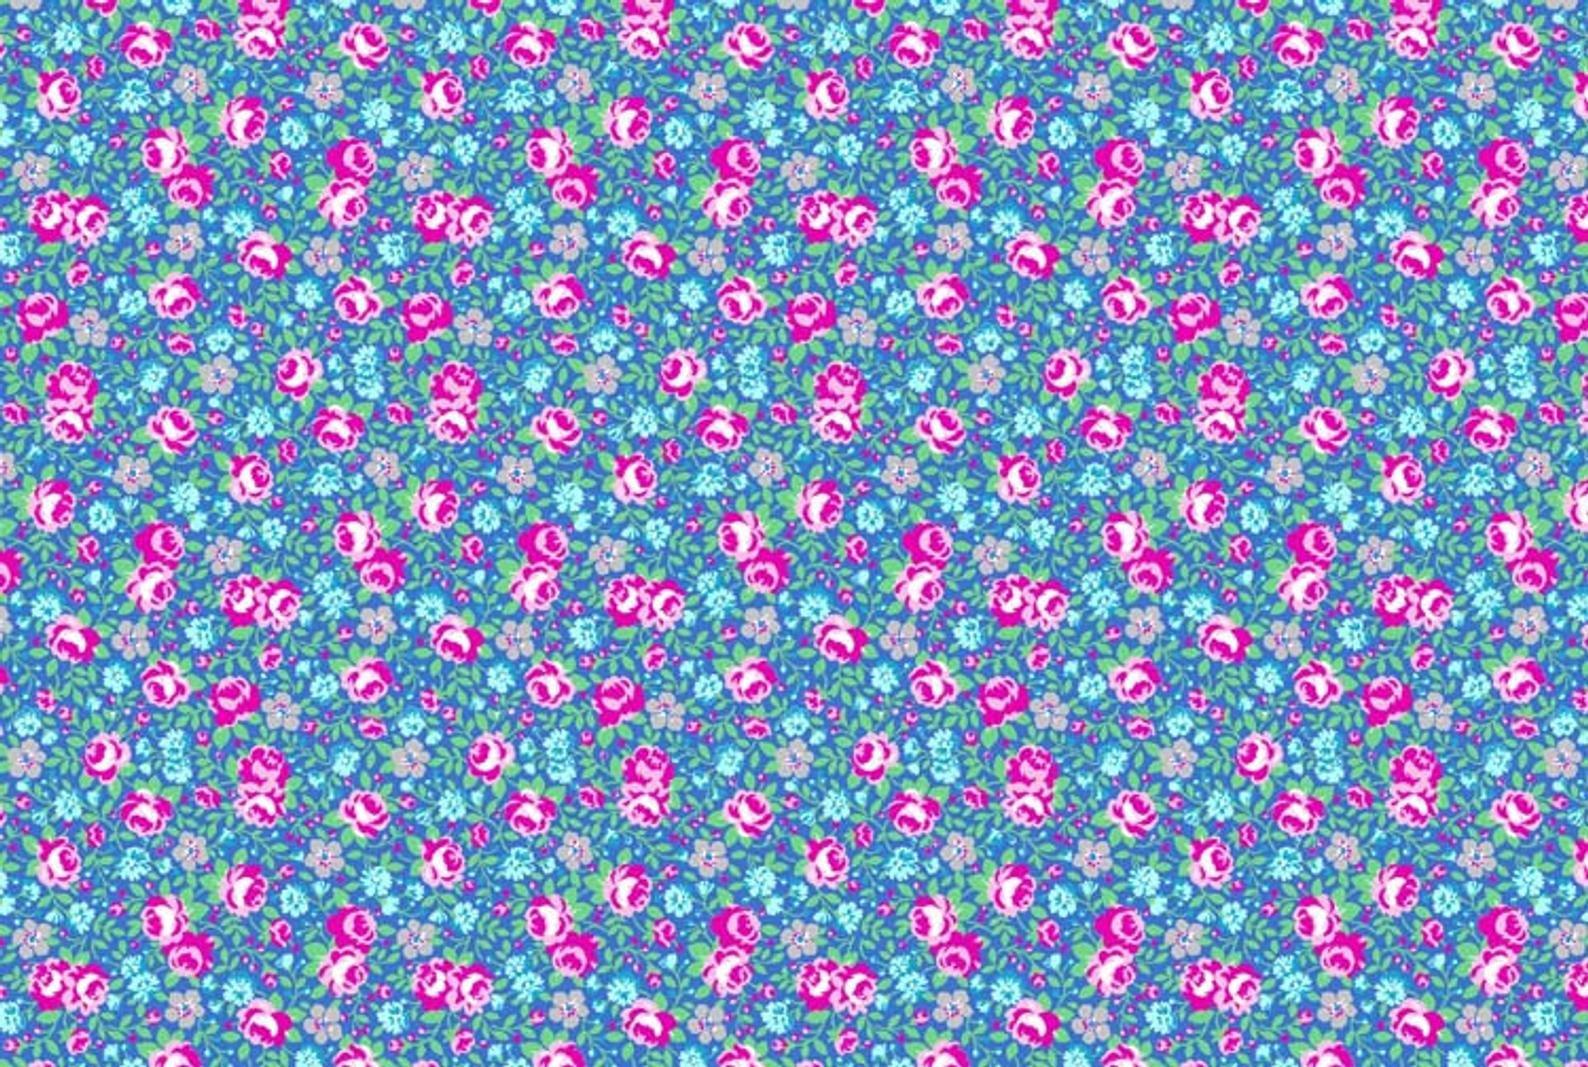 Flower Sugar 745902-70 Floral on Blue